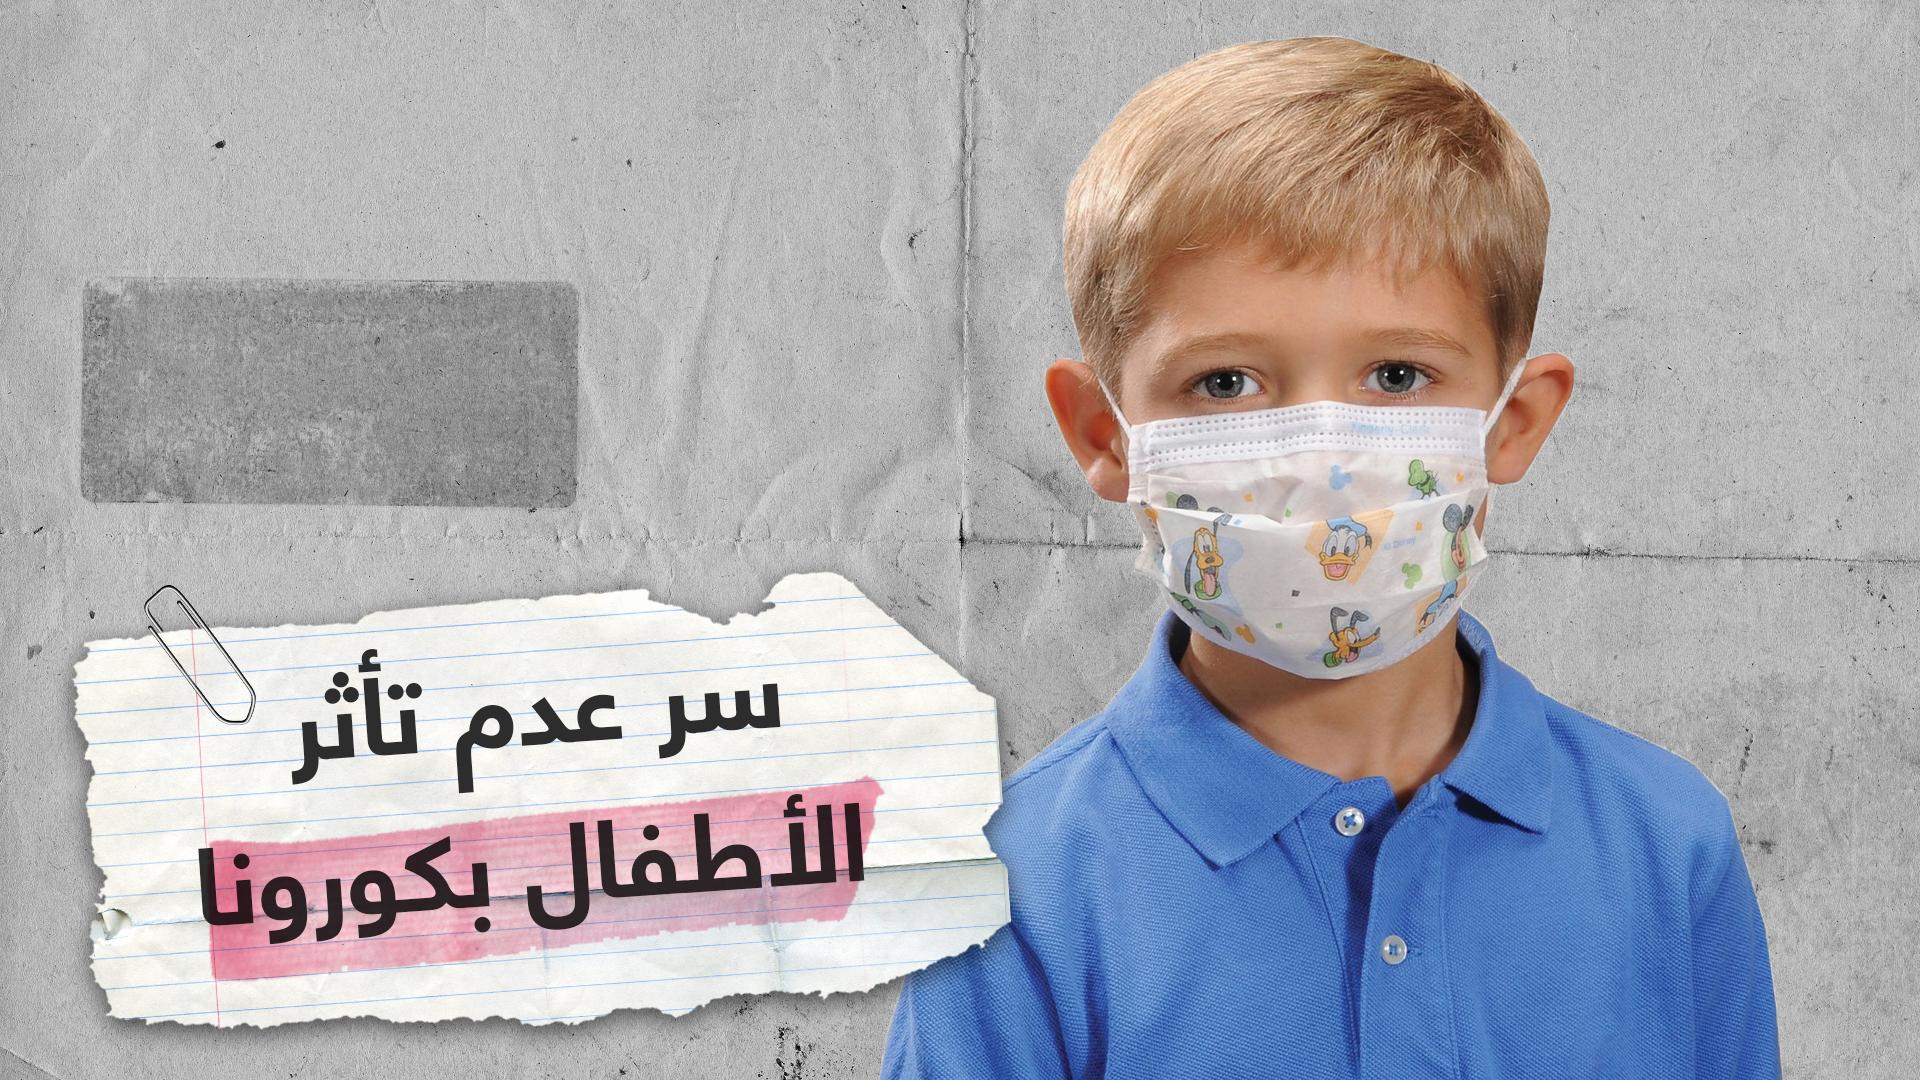 لماذا يبدو أن الأطفال أقل تأثراً بفيروس كورونا المميت؟